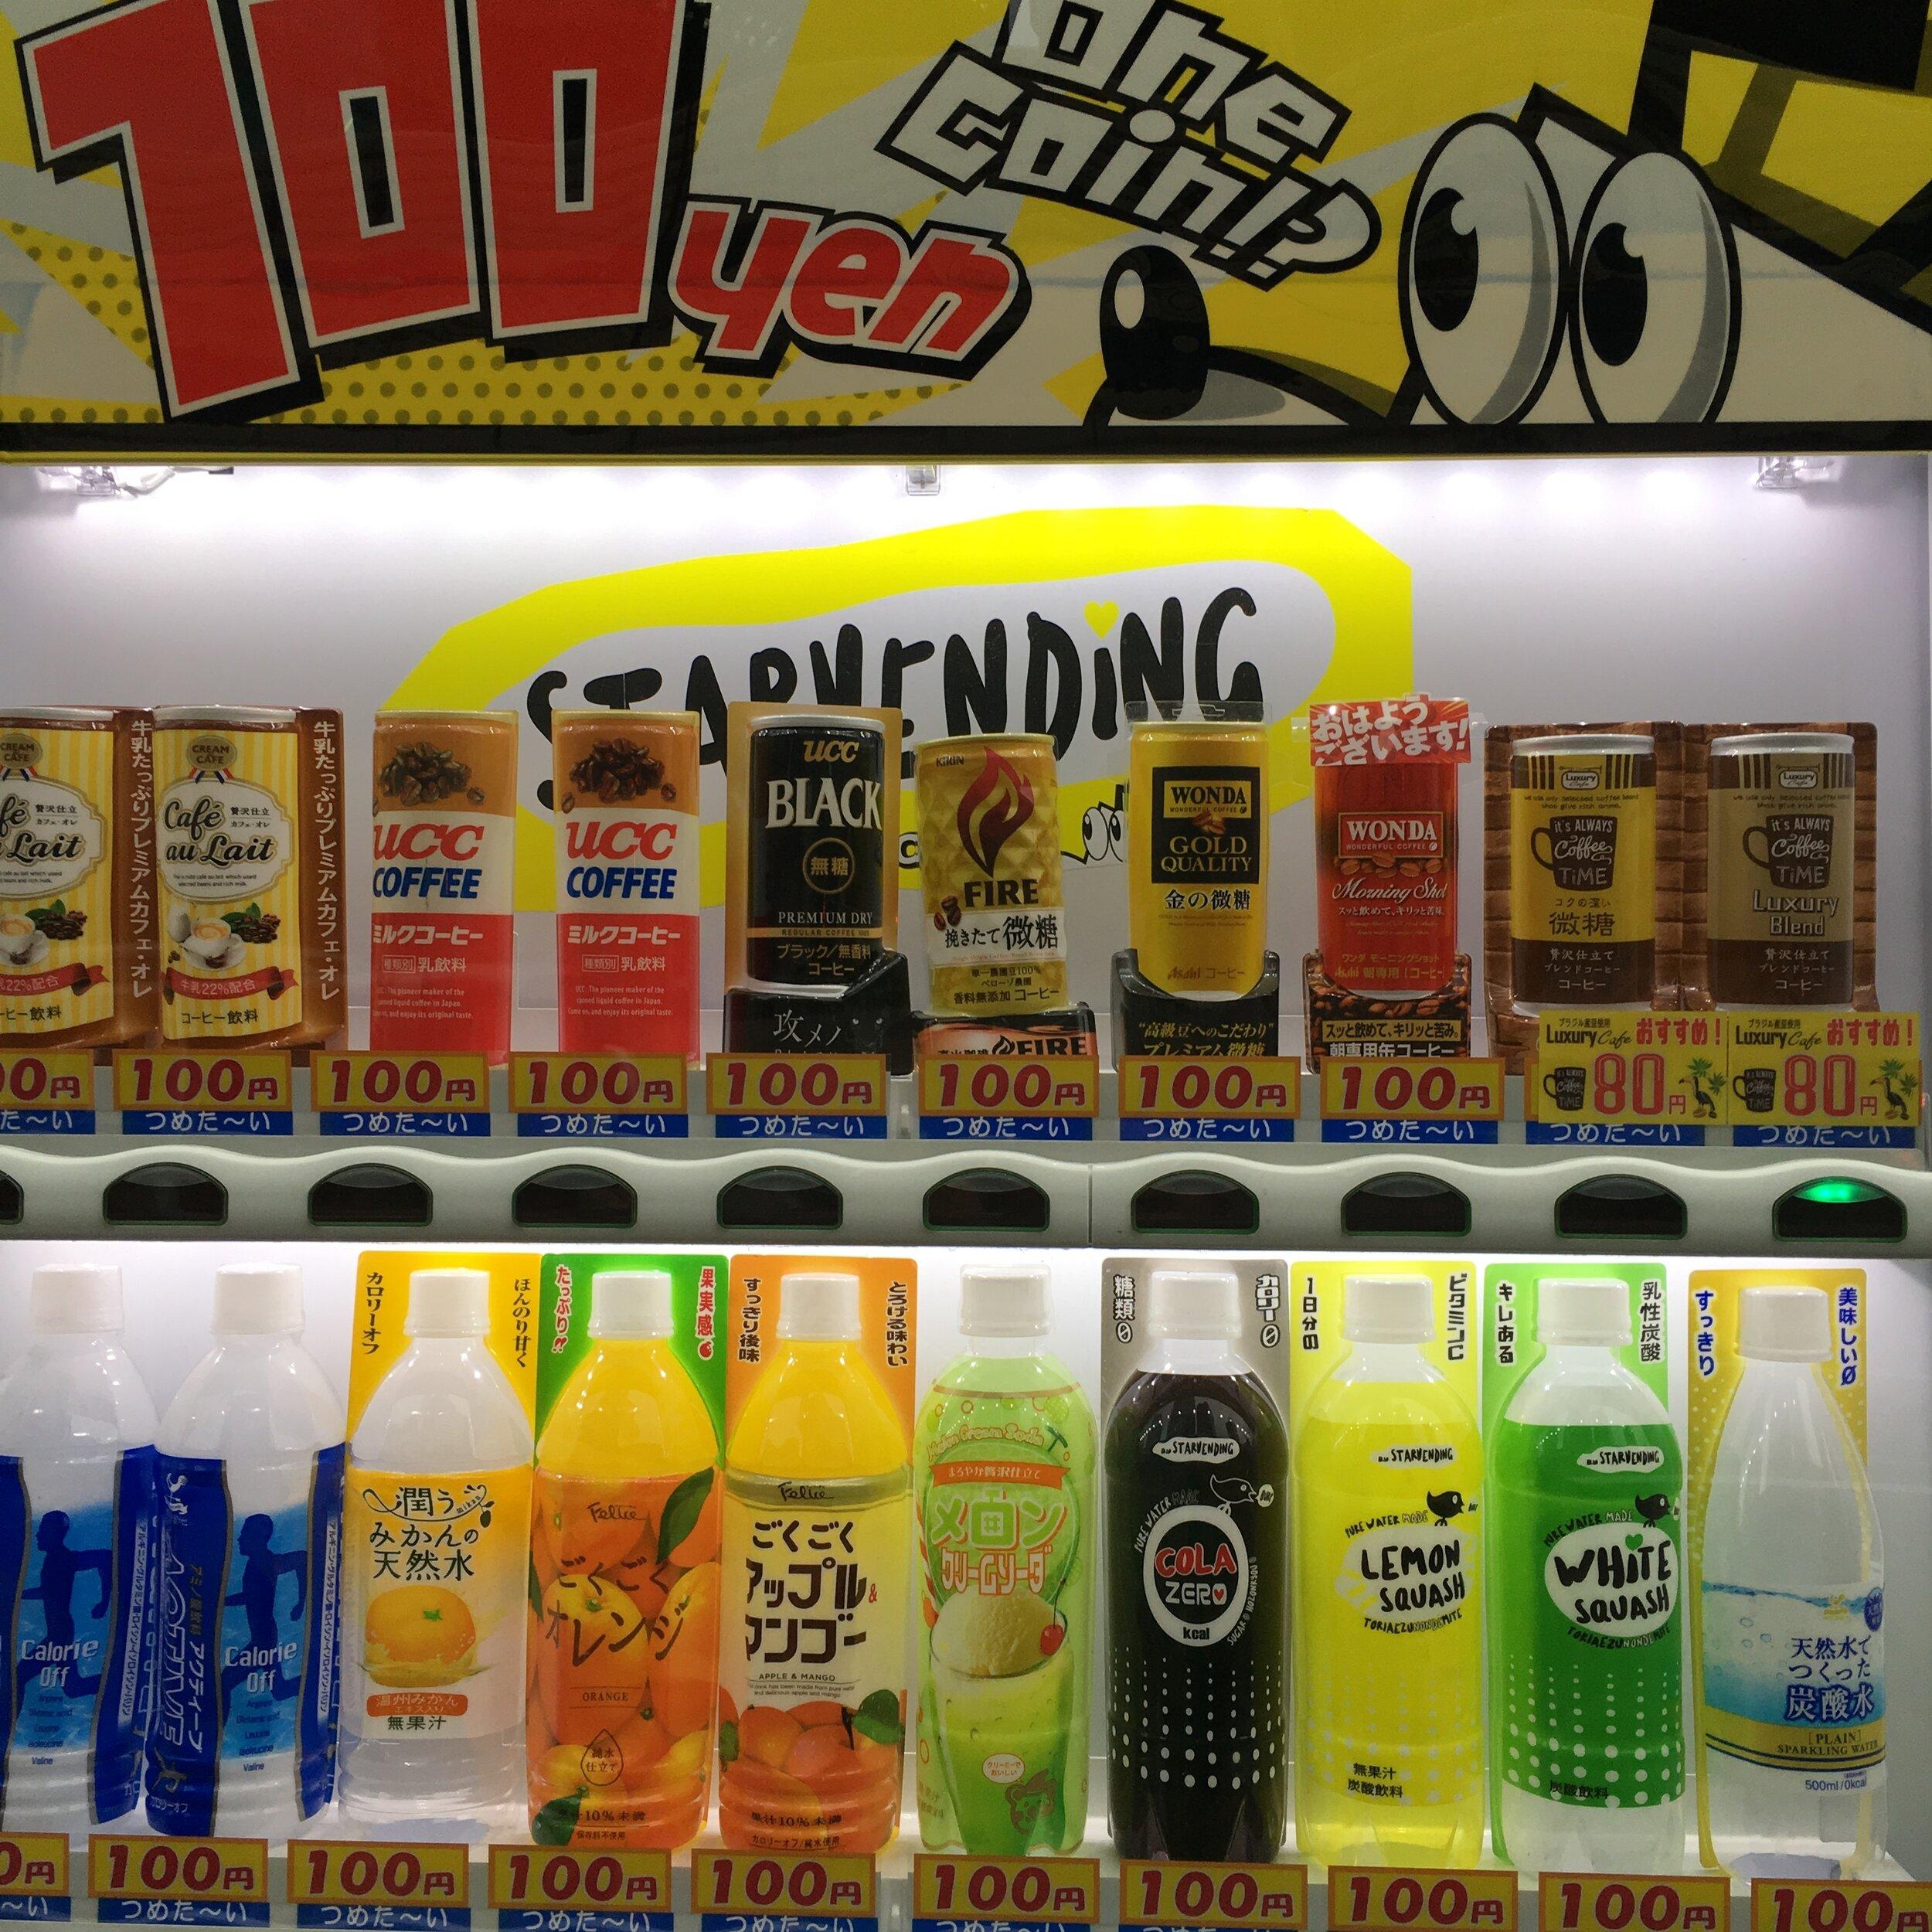 Maquinas expendedora de refrescos en Japon